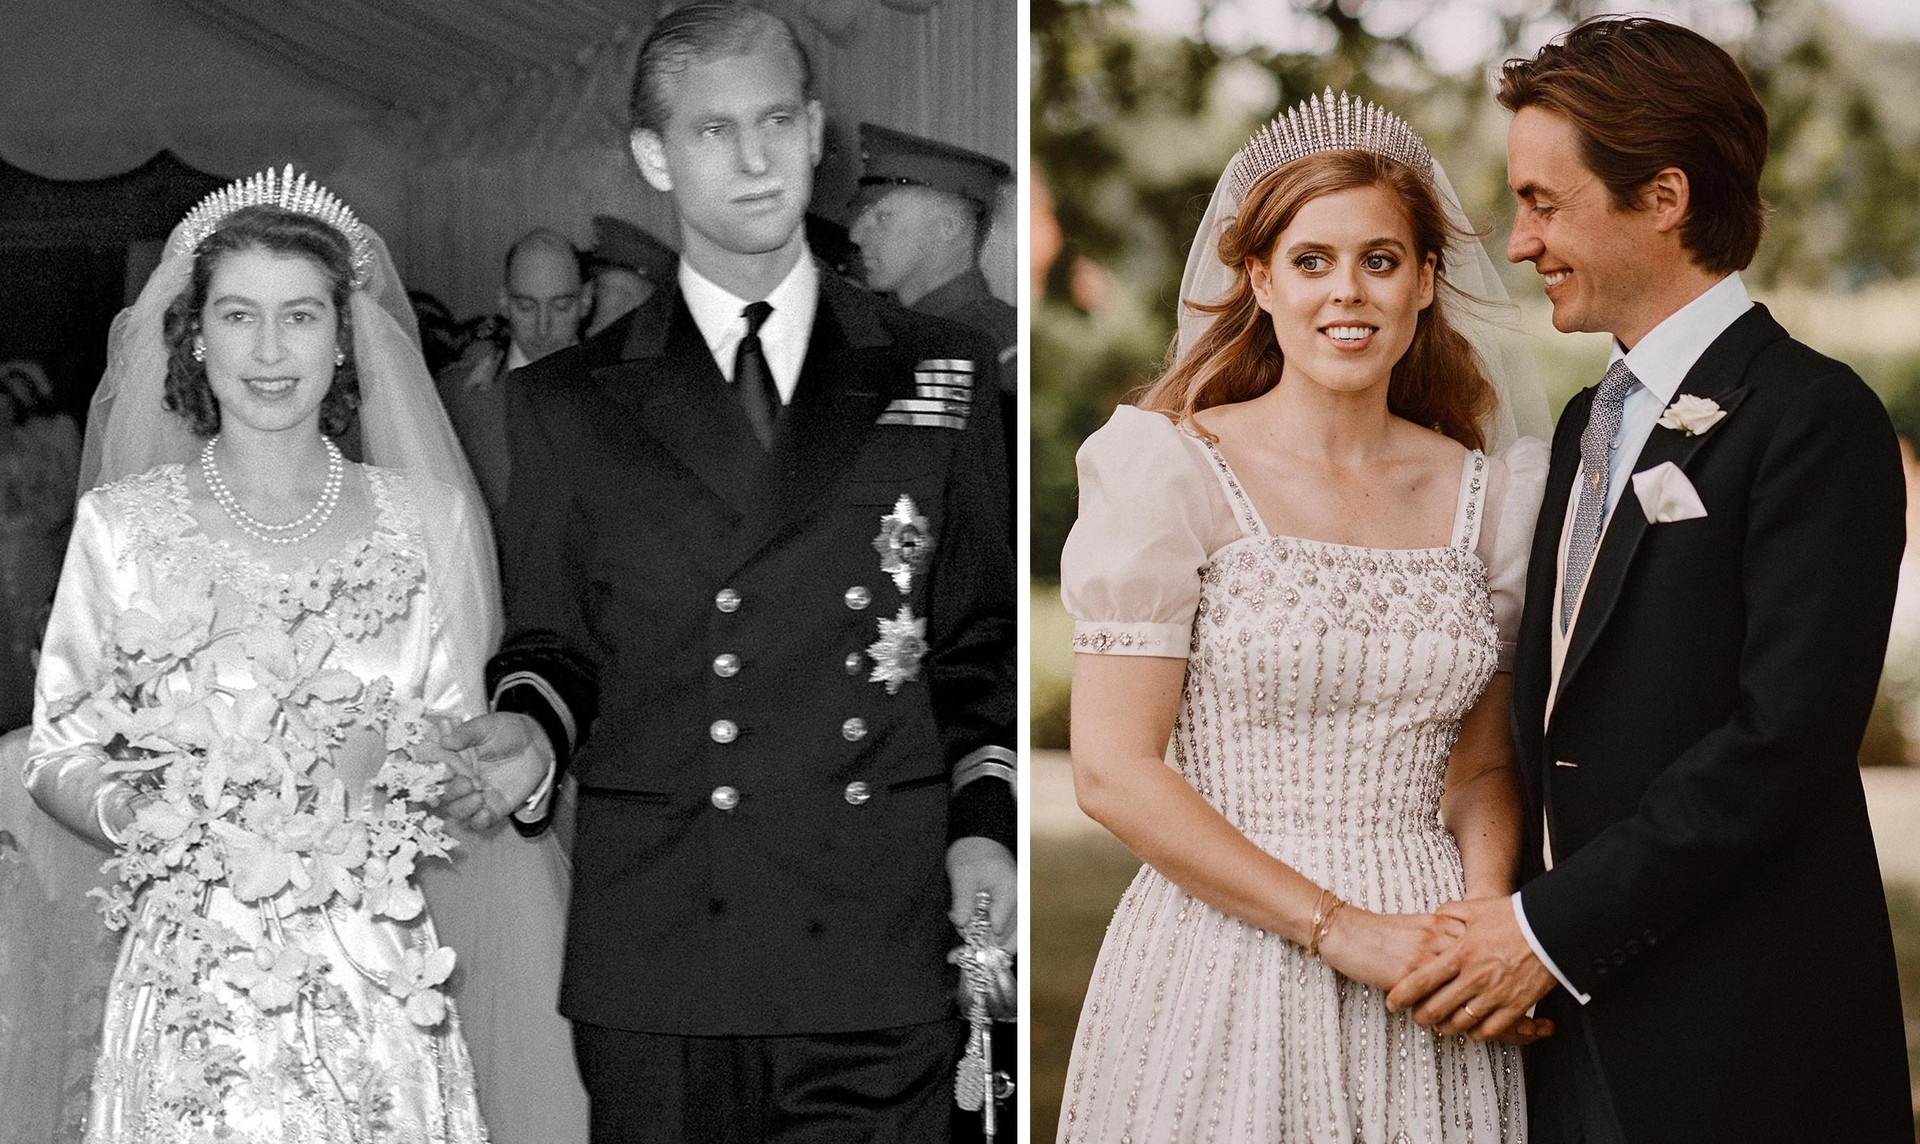 Mariage de la princesse Élisabeth et du duc d'Édinbourg/Mariage de la princesse Beatrice et d'Edoardo Mapelli Mozzi